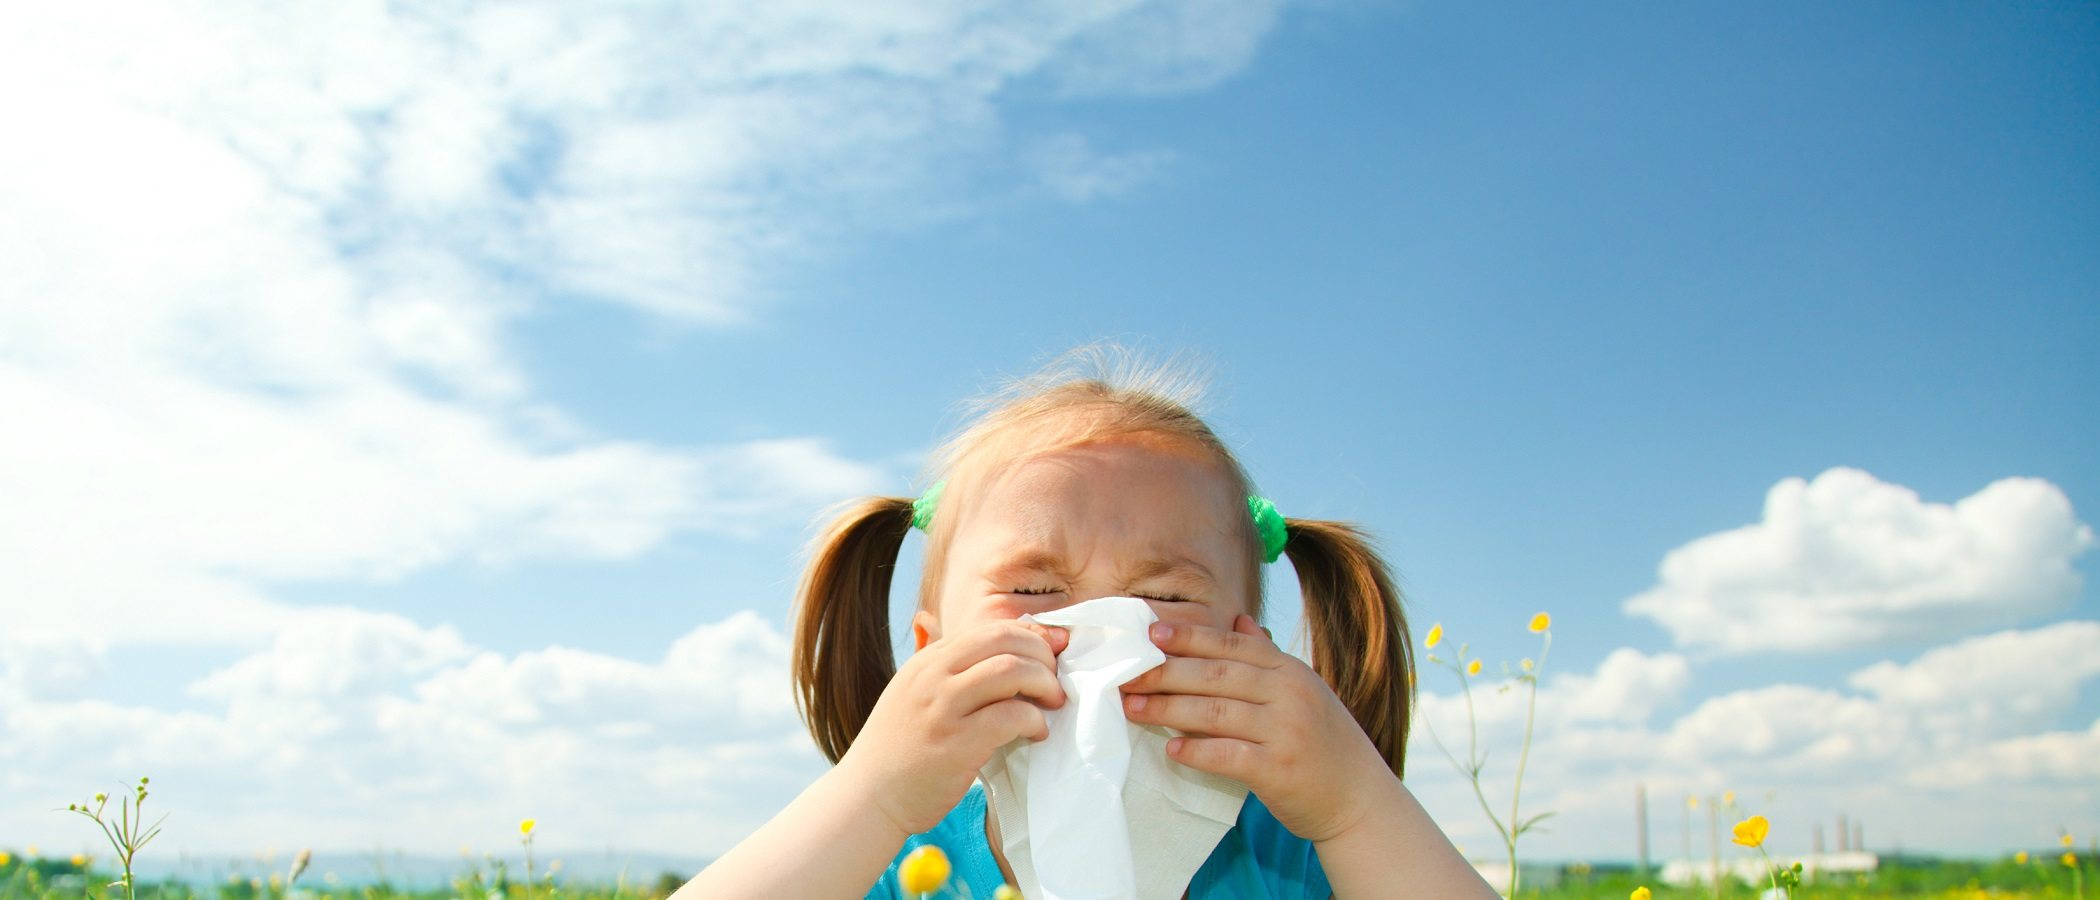 Las alergias más comunes de los niños en primavera